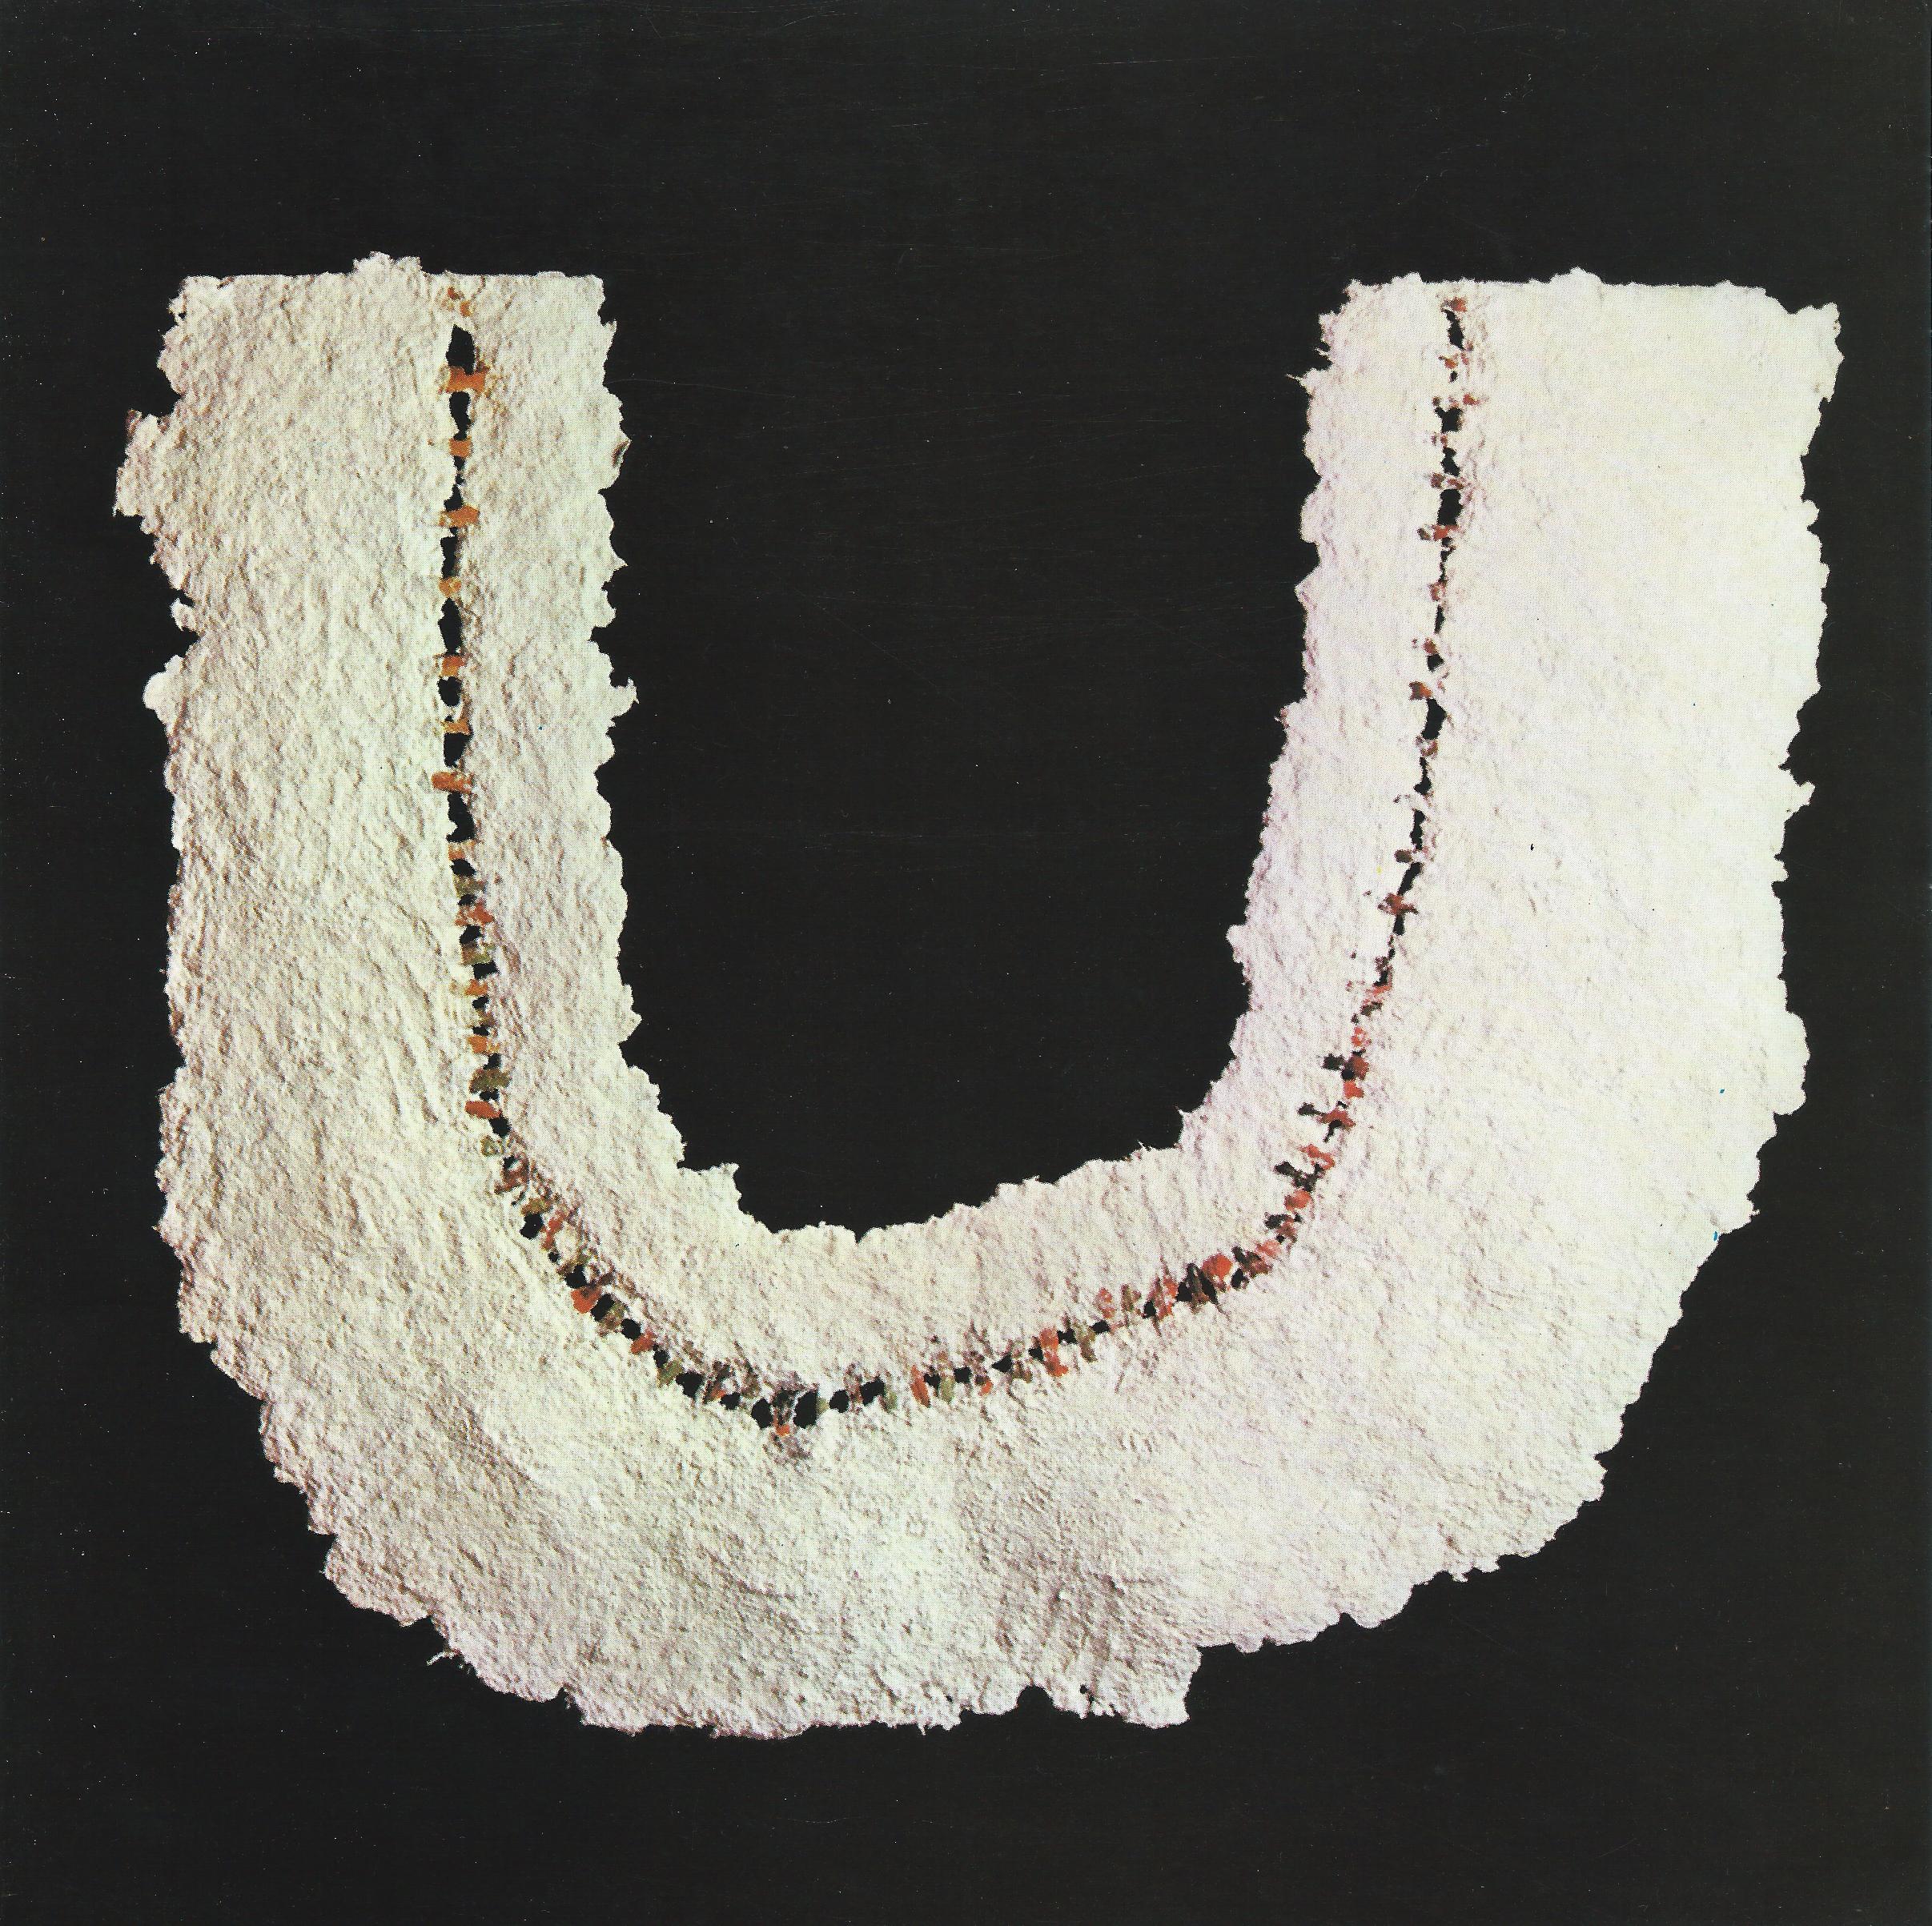 Série Papel-Bambu-Corda